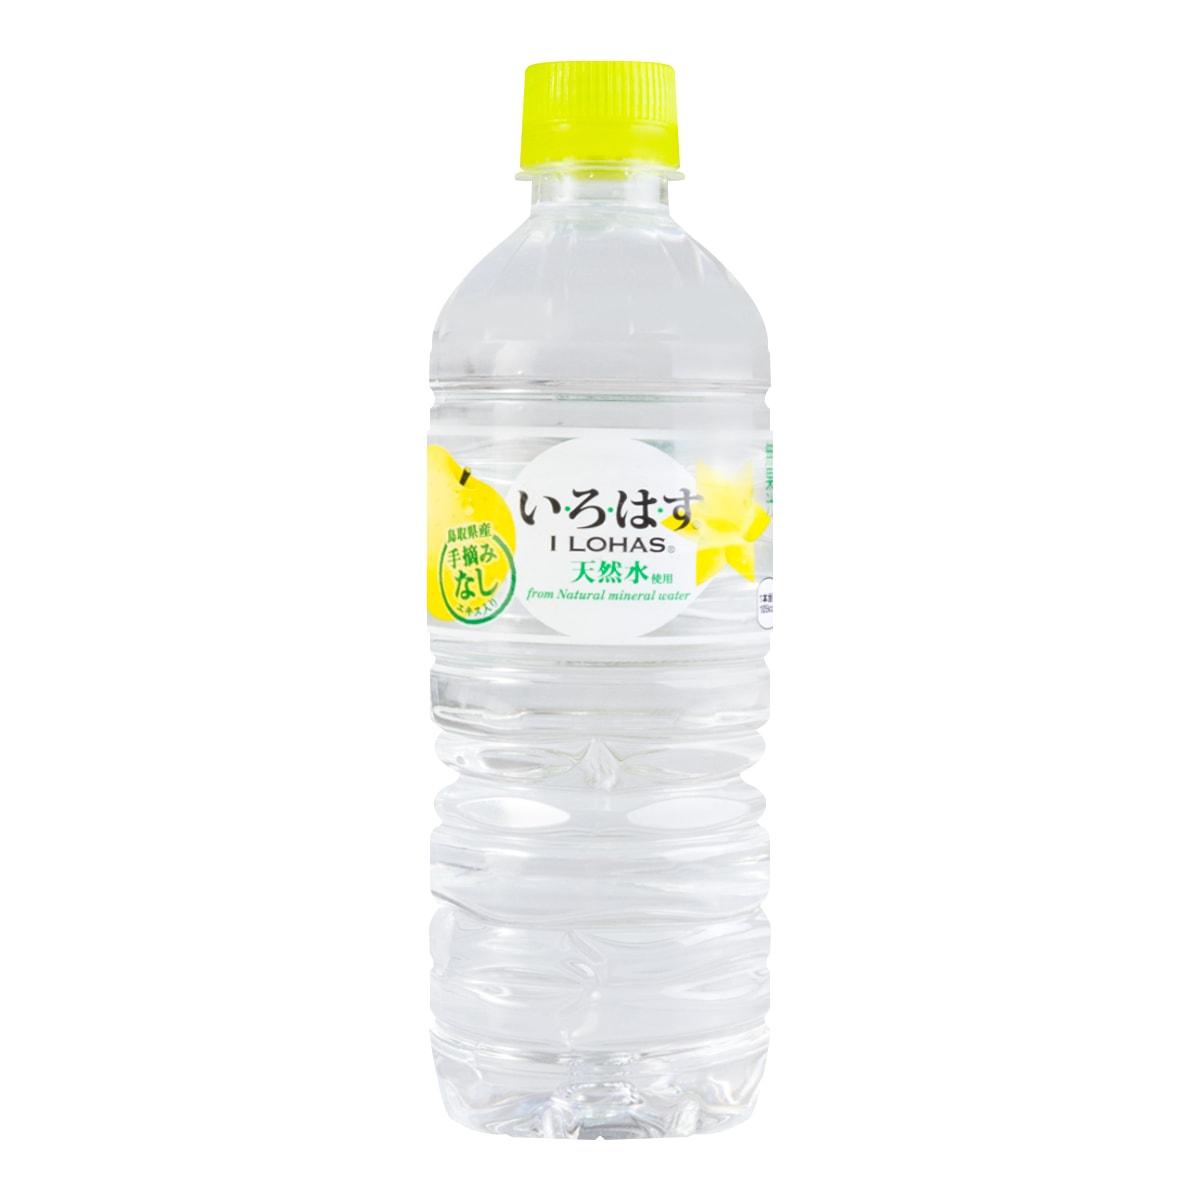 【清仓】日本I LOHAS 无色透明日本梨矿泉水 555ml